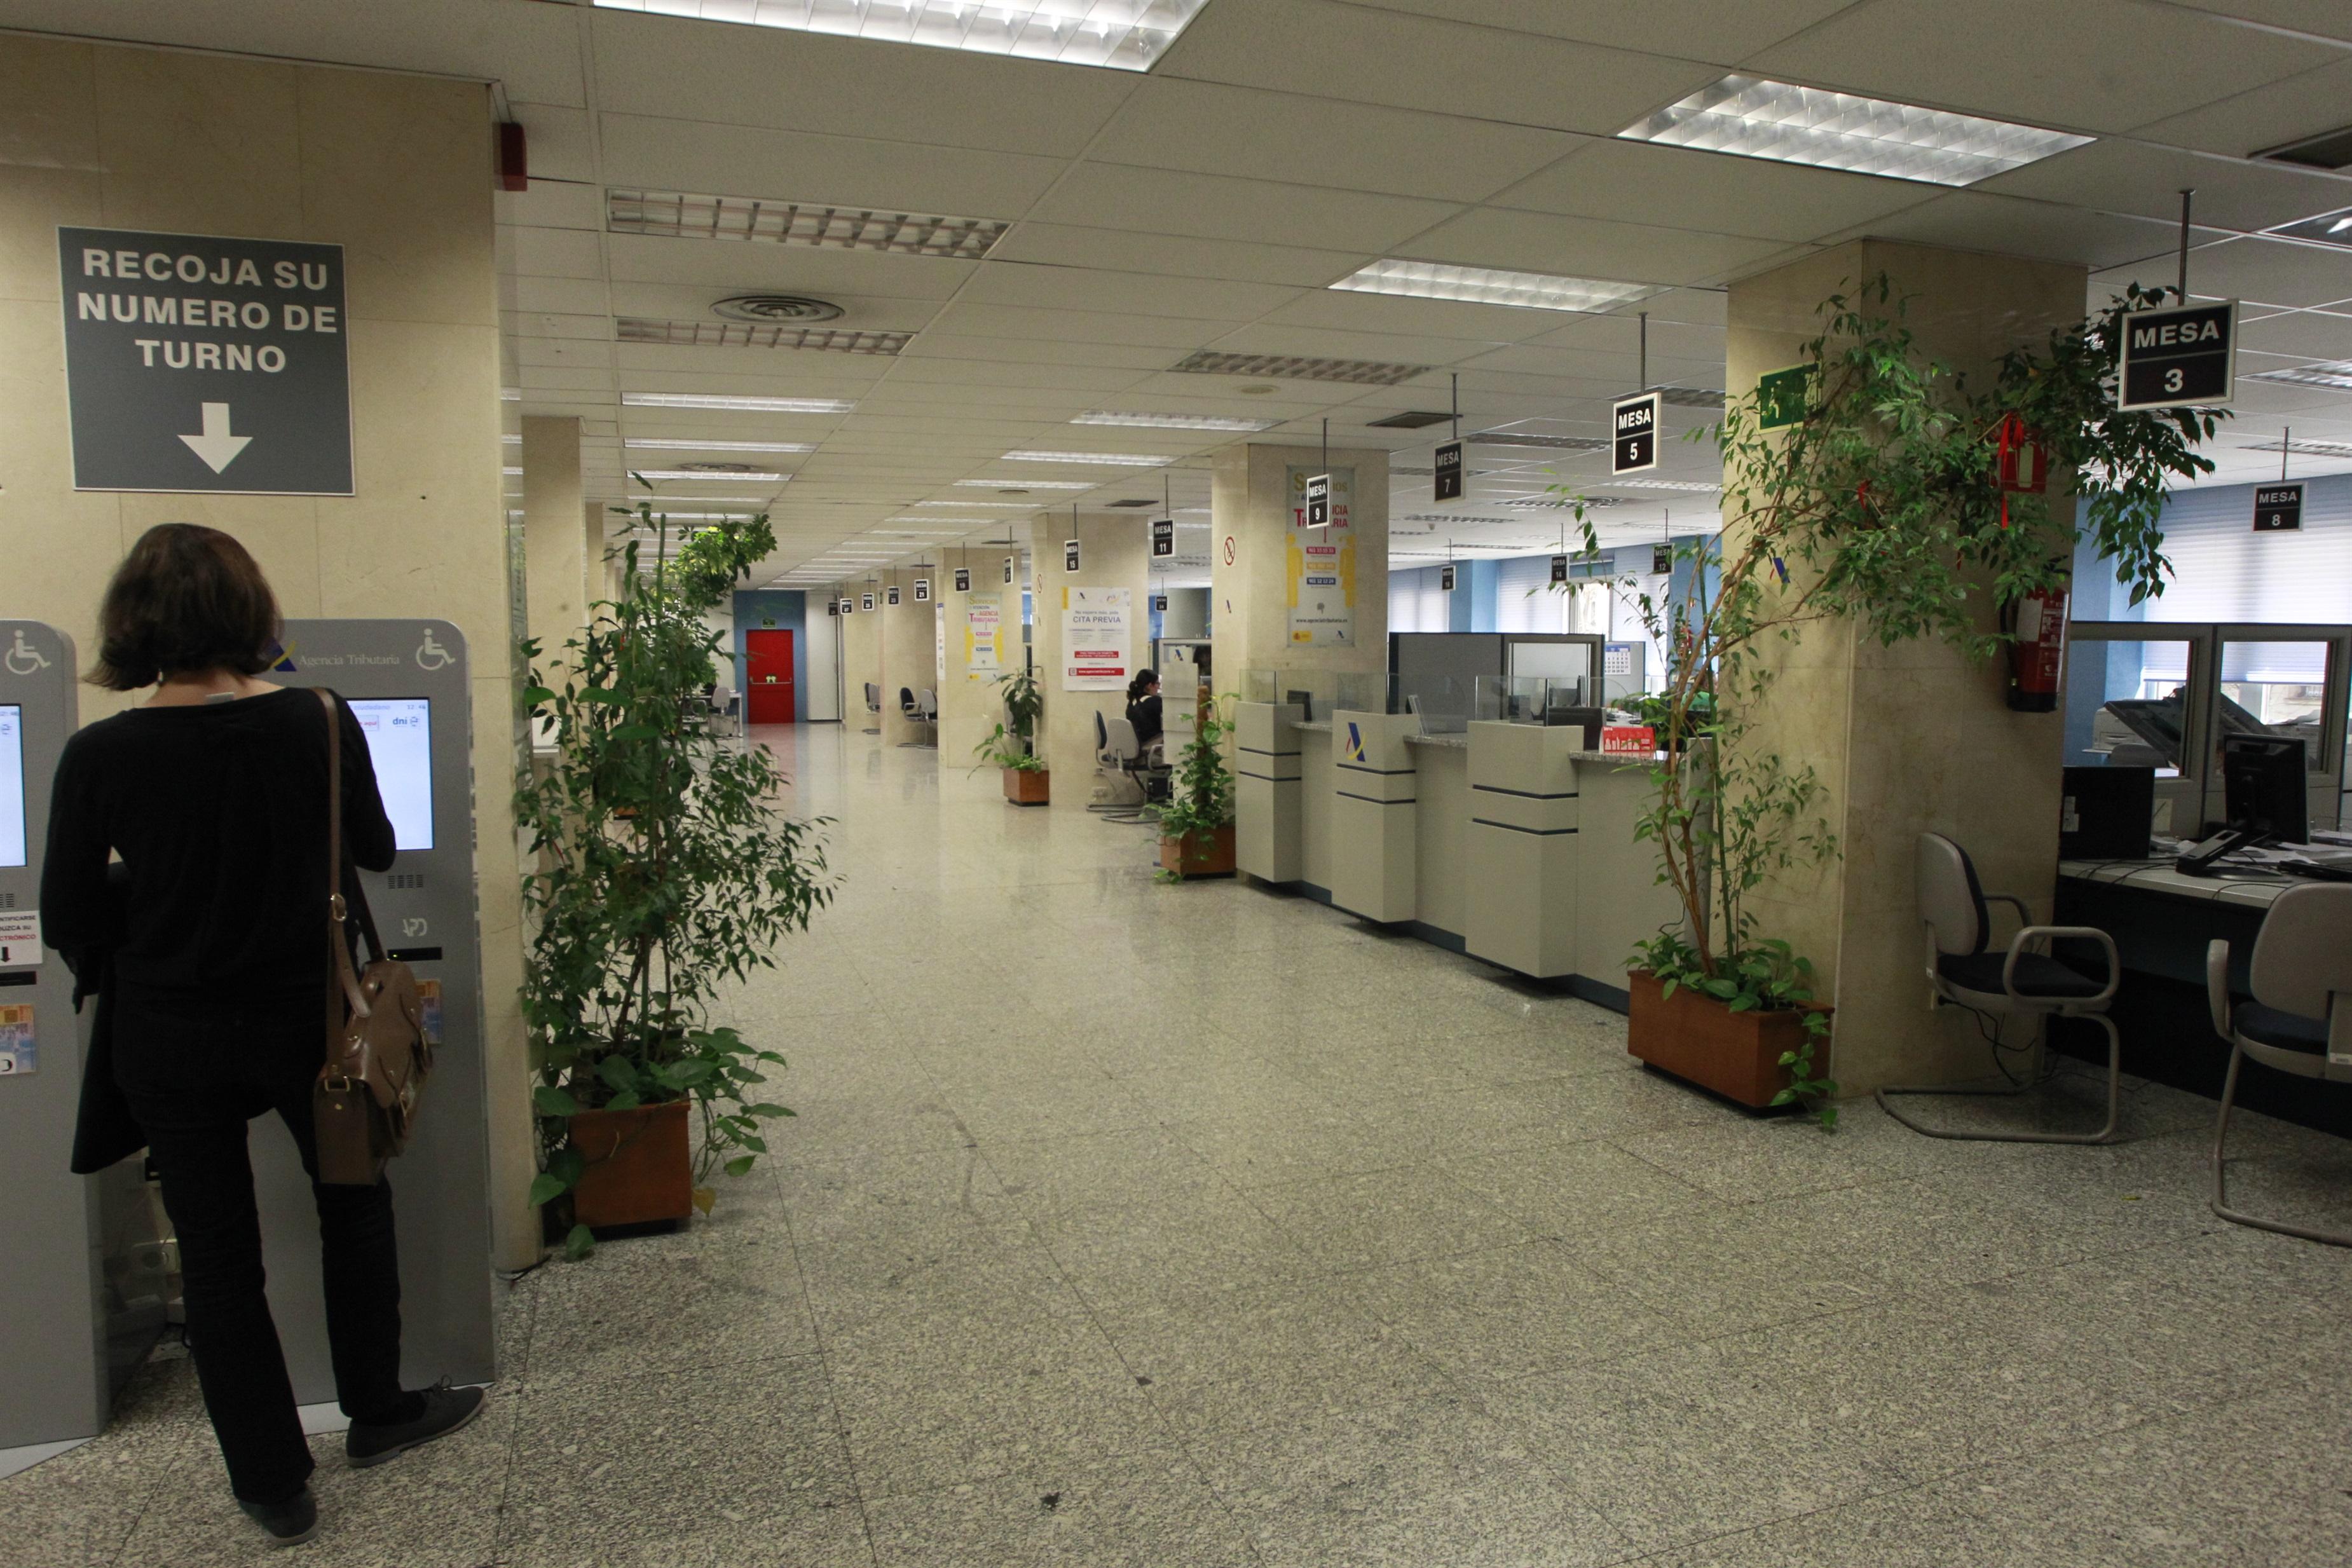 Oficina de la Agencia Tributaria / EUROPA PRESS